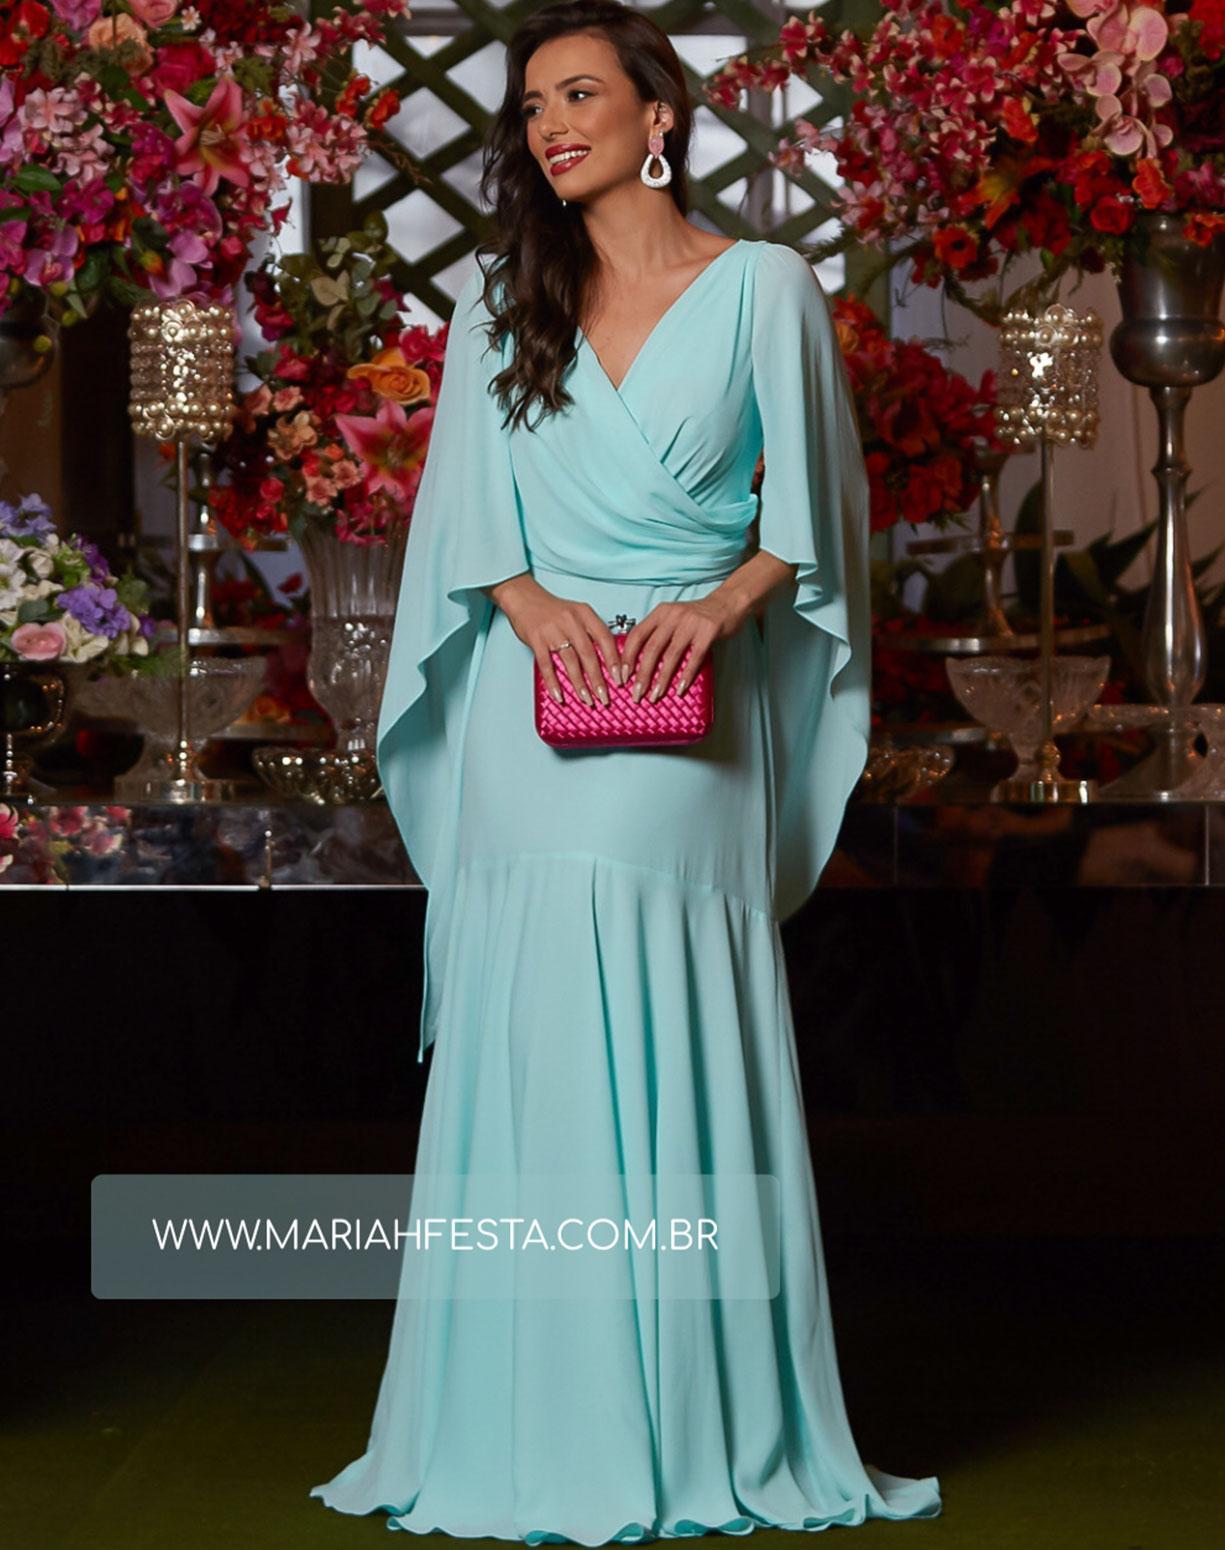 Vestido Tiffany Semi Sereia com Decote Transpassado